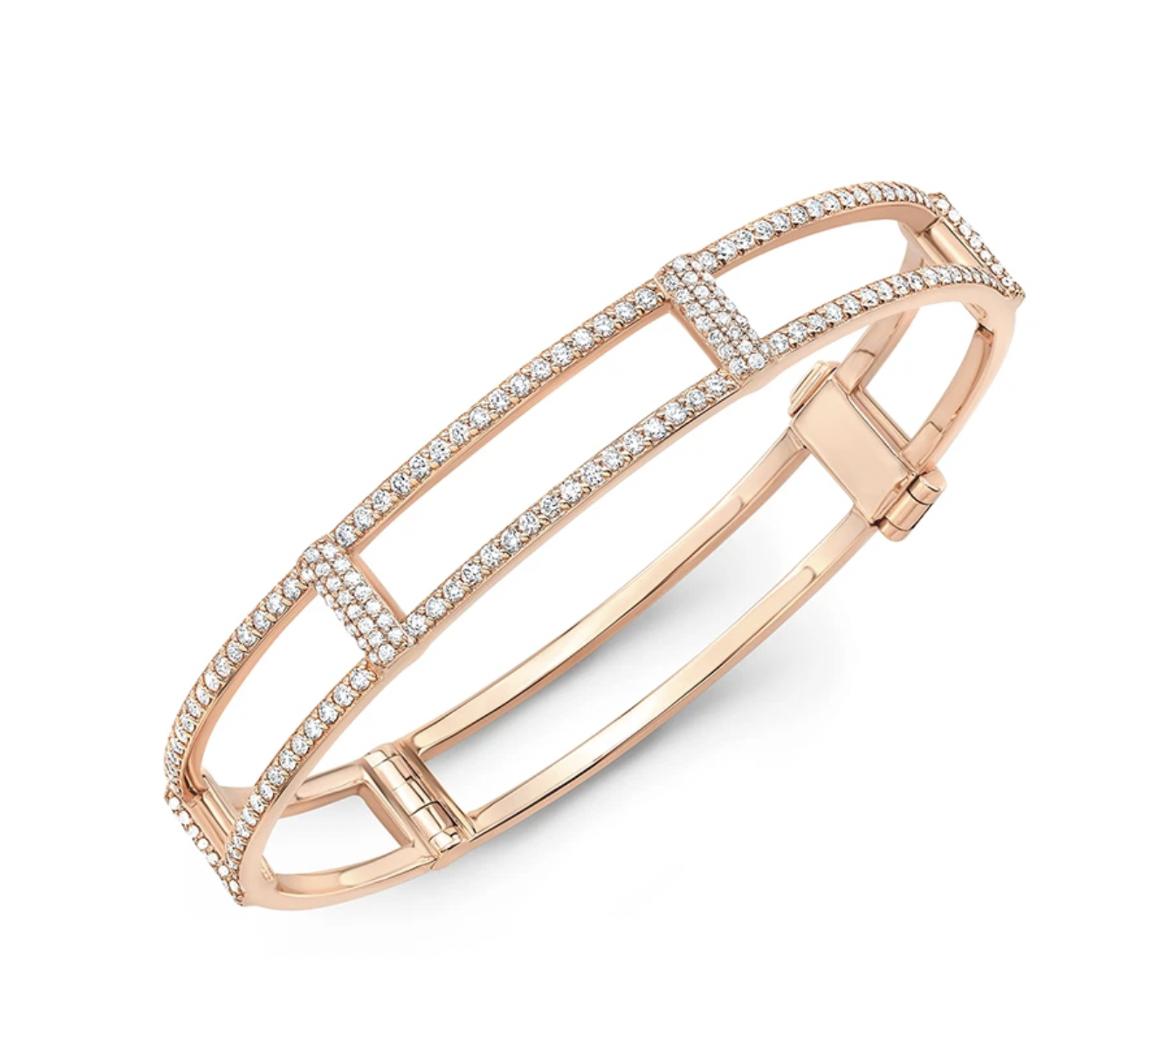 rachel-katz-jewellery-bracelet-diamonds